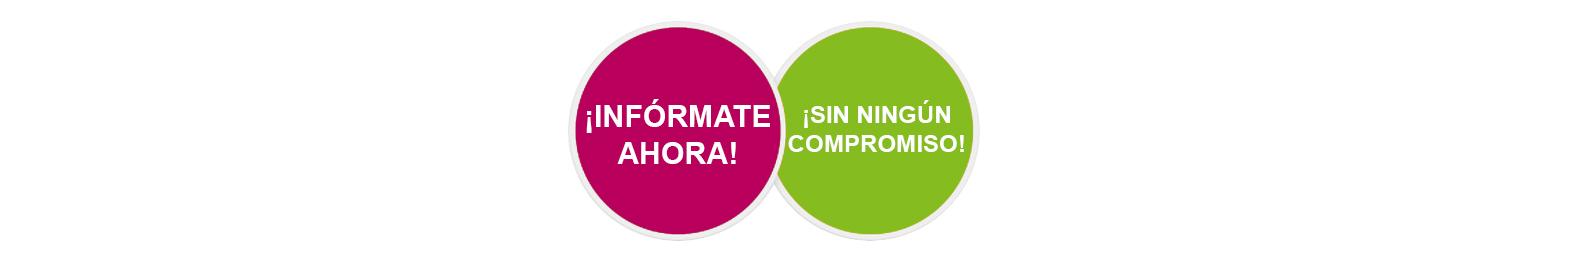 Informate_sin_compromiso